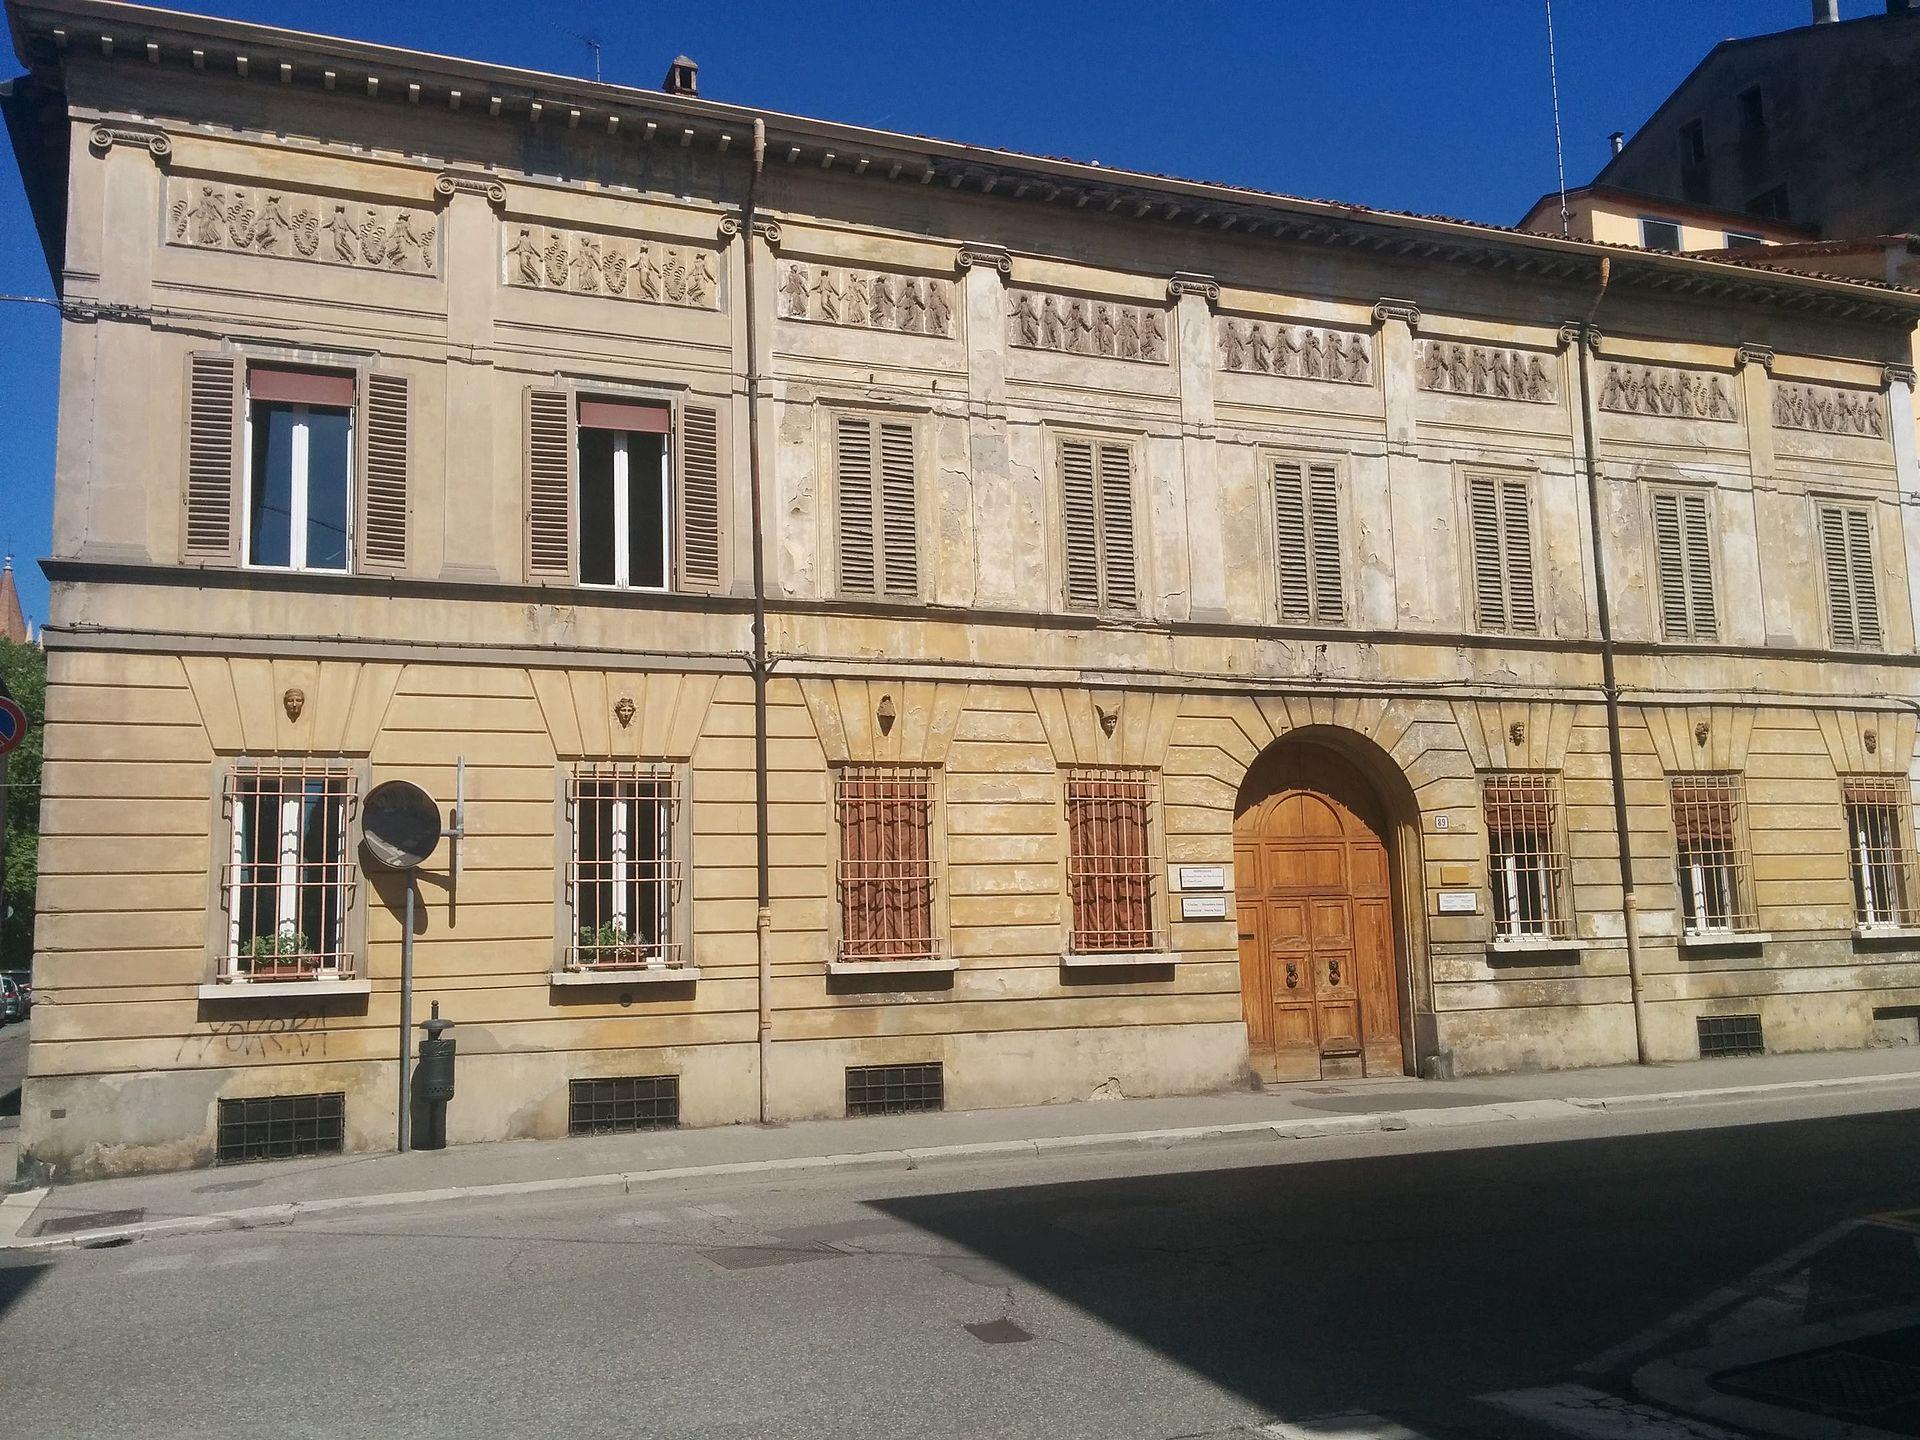 Casa piani wikipedia for Piani casa stretta casa